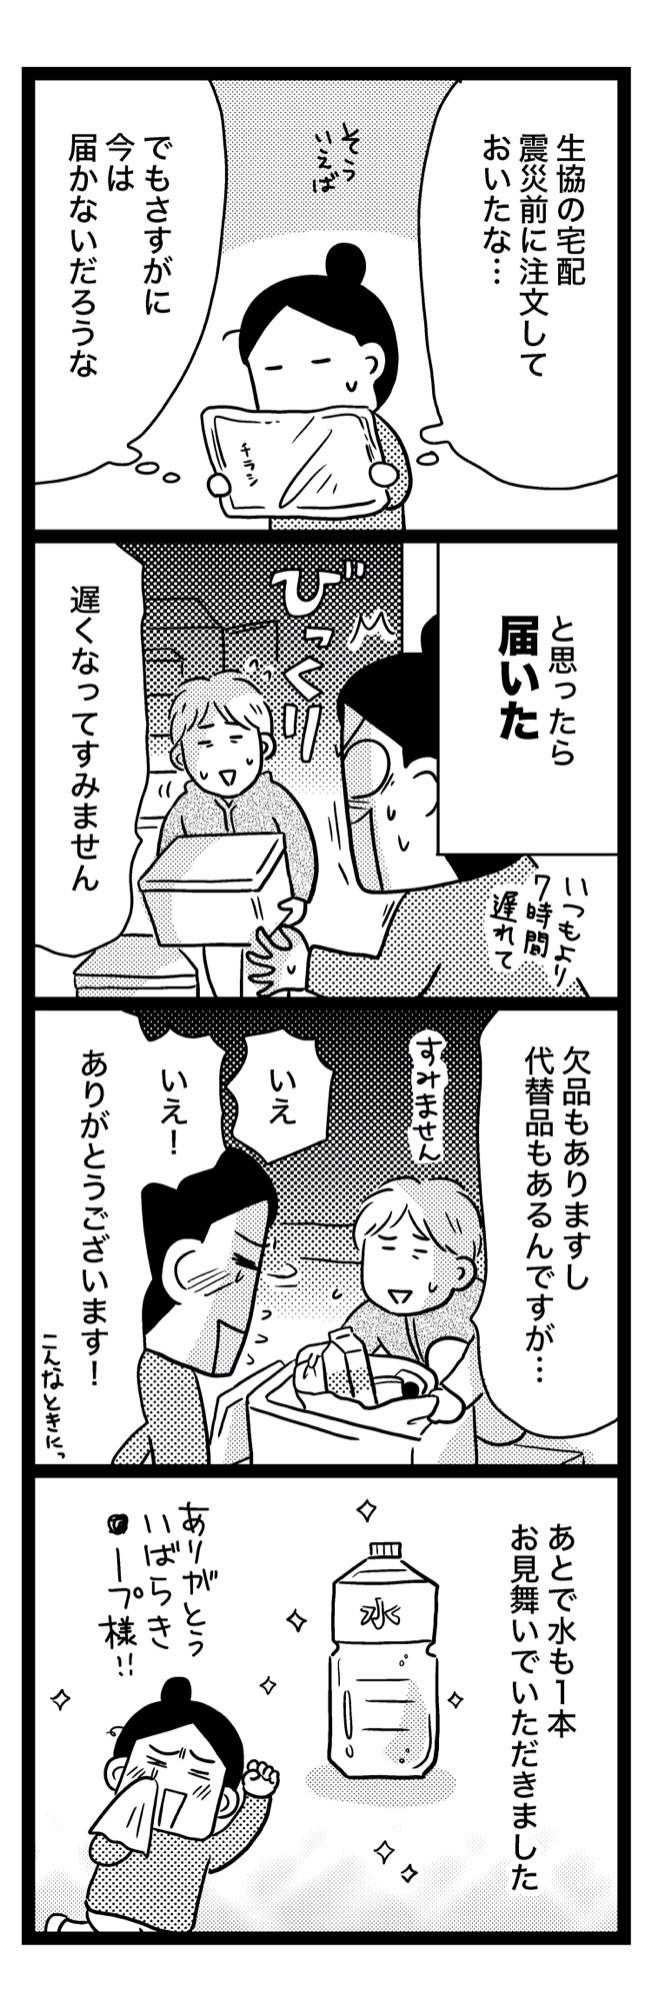 sinsai4-4